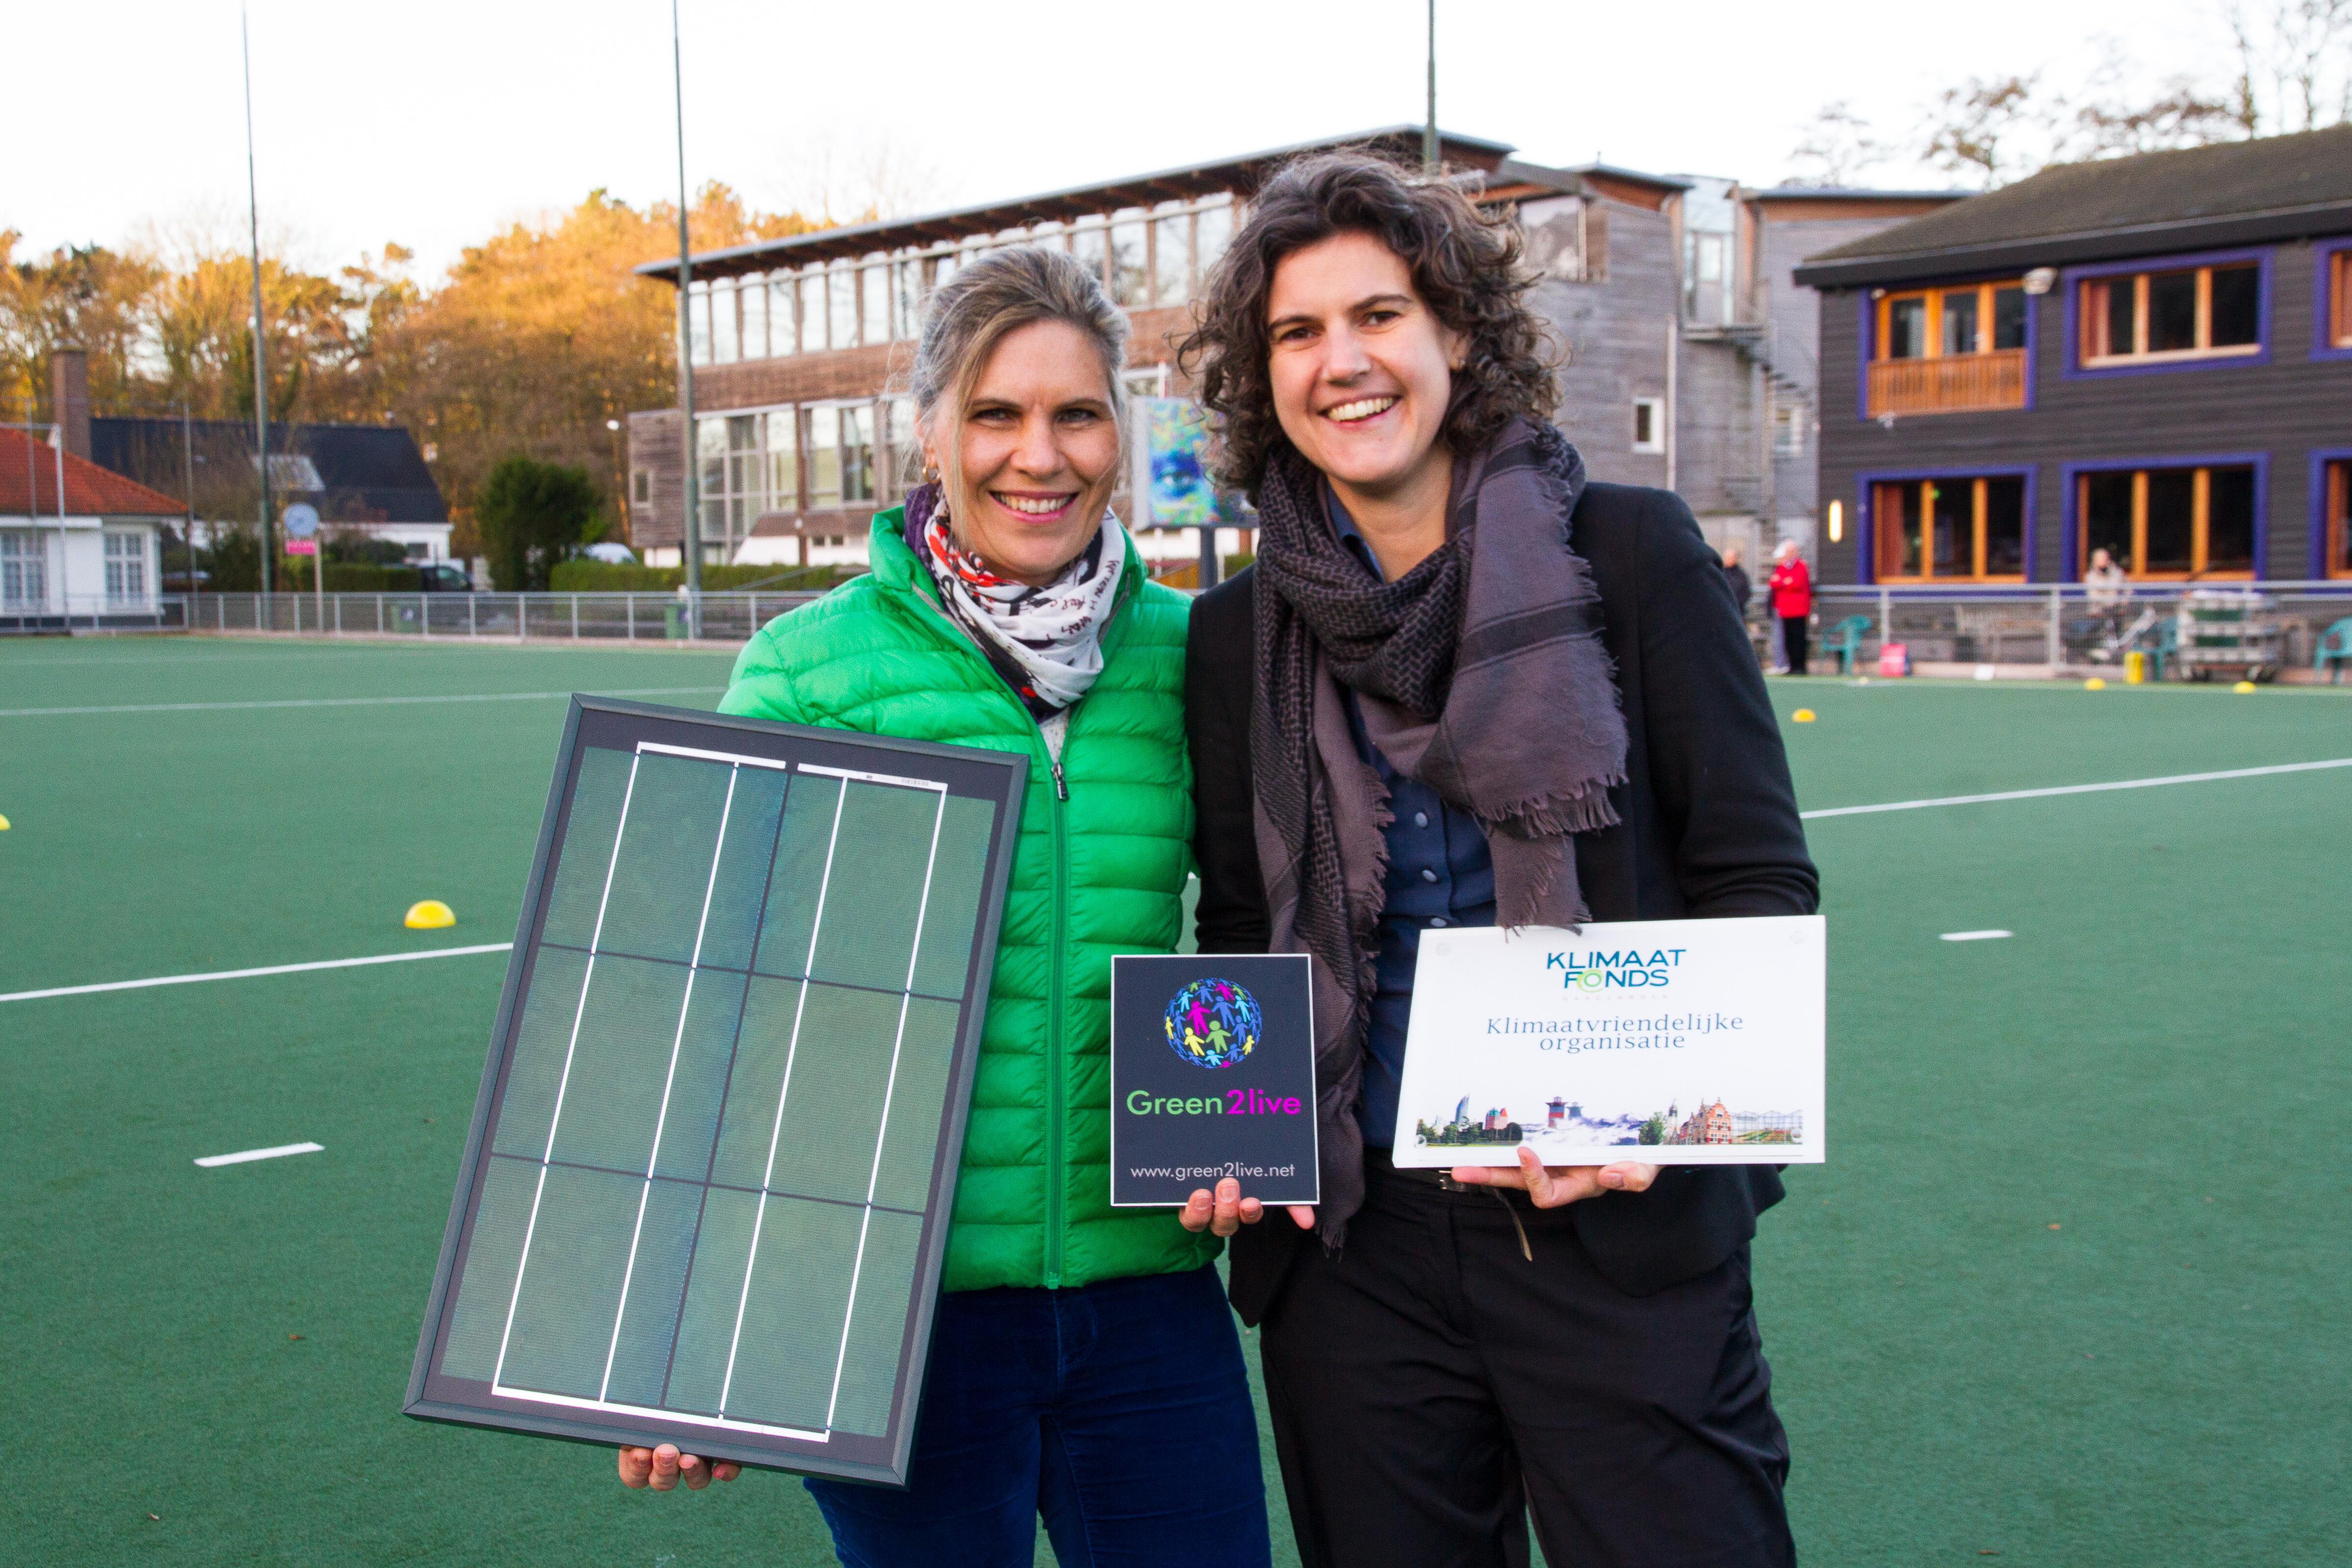 Klimaatvriendelijke organisatie Green2live